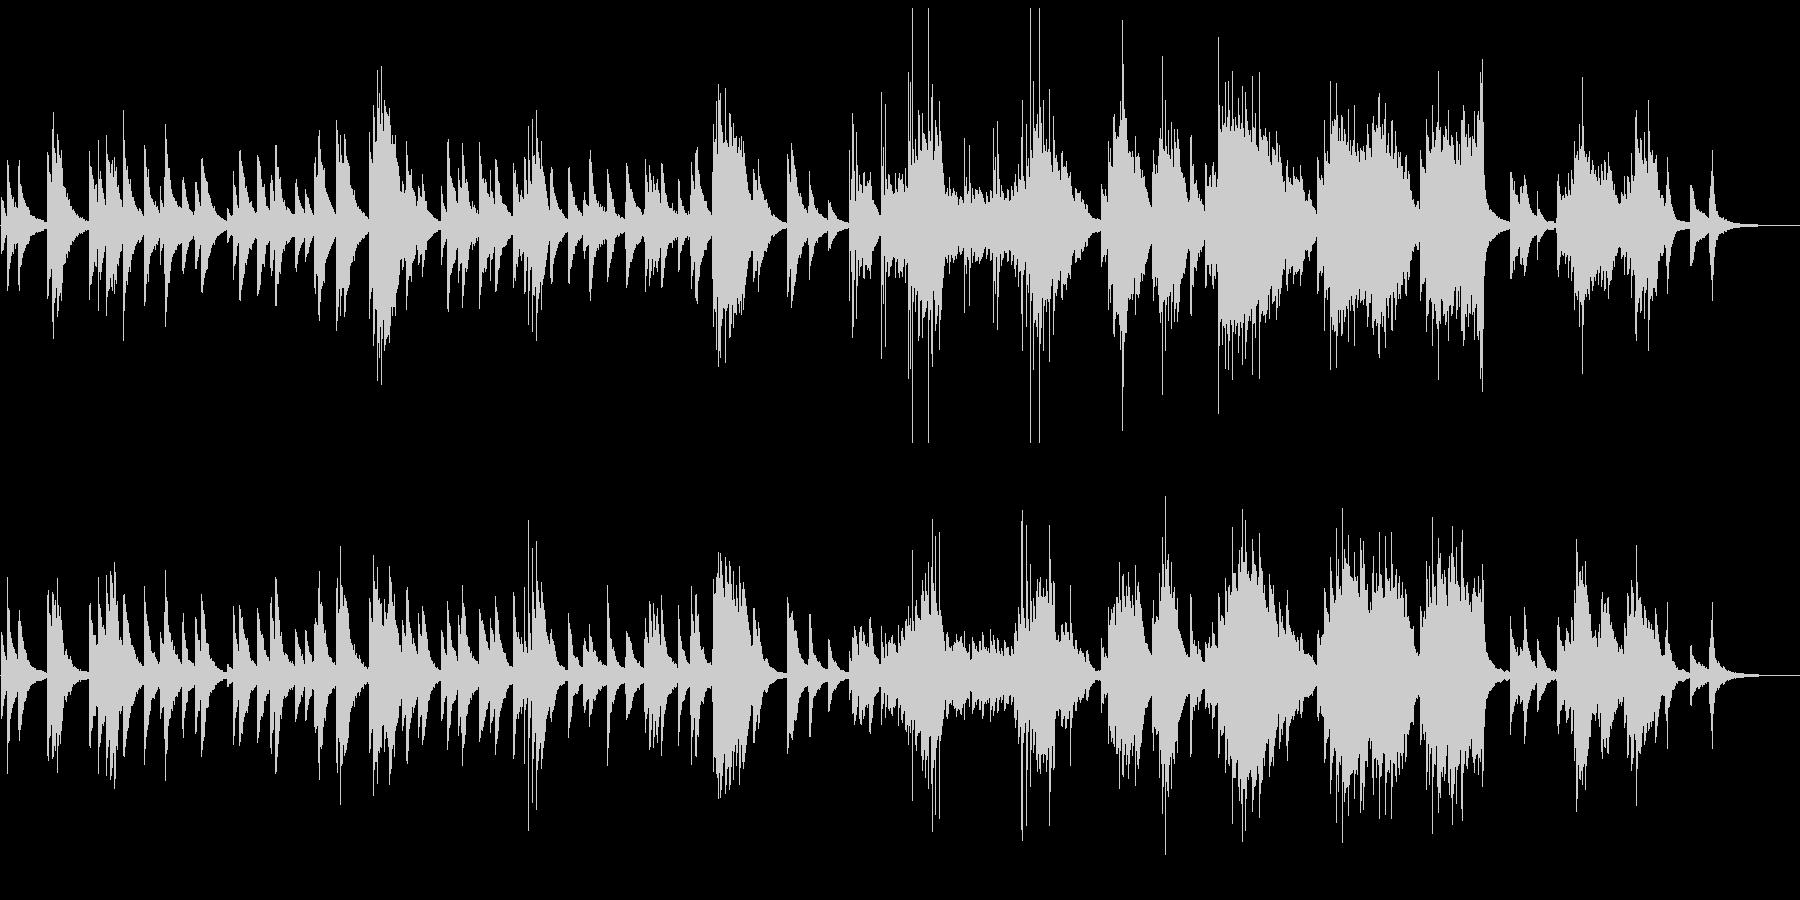 しっとりとしたピアノリラクゼーションの未再生の波形